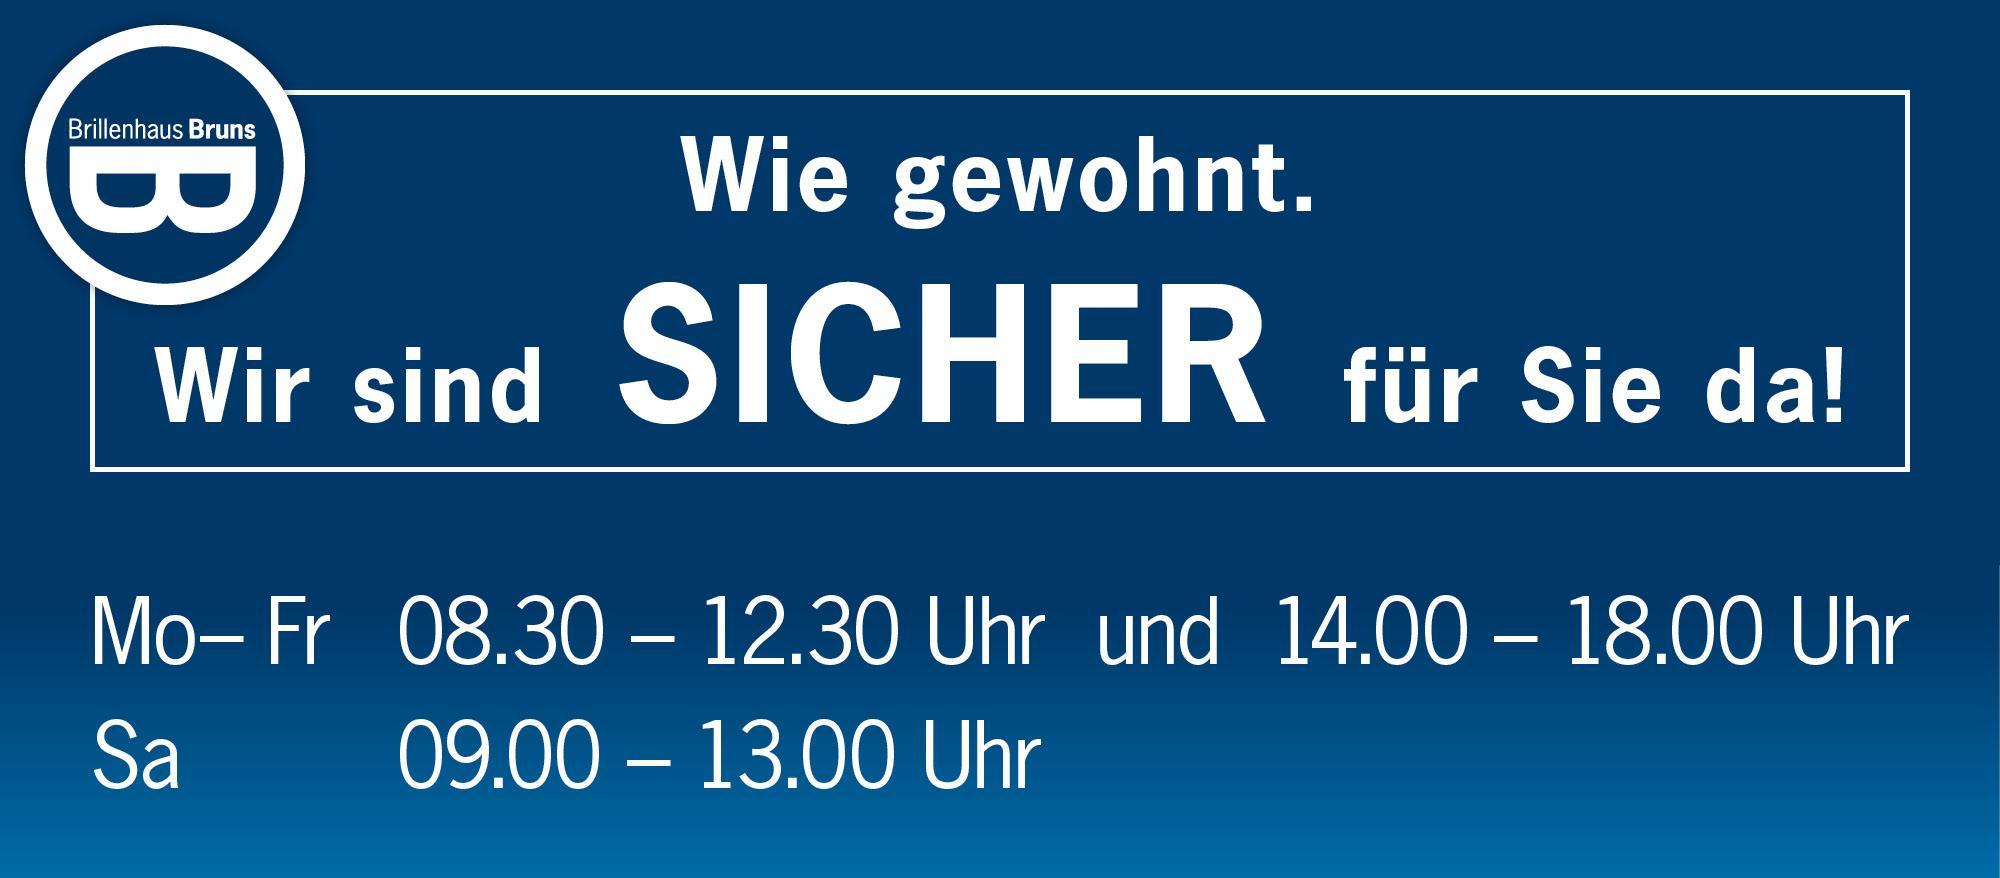 BRUNS_Slider_2000x878_Öffnungszeiten-gewohnt-SICHER